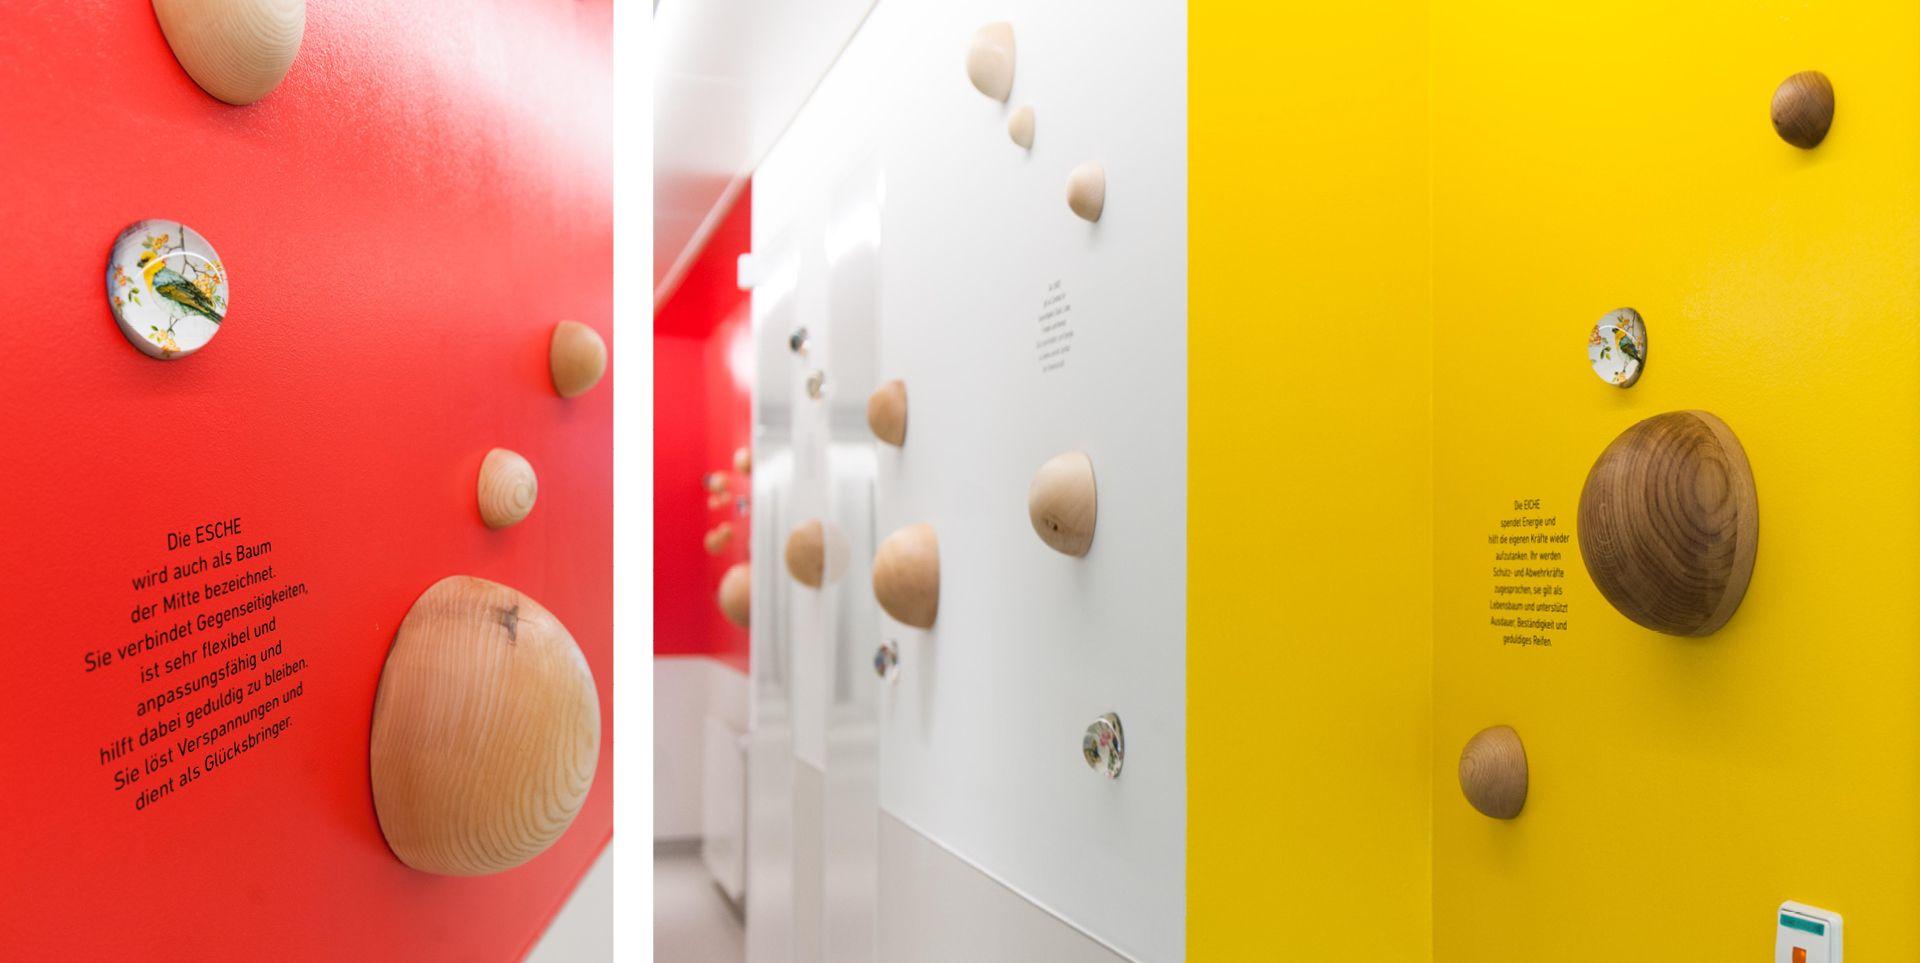 Wand  Und Deckengestaltung Intensivstation Für Kinder Und Jugendliche /  Neonatologie, LKH Leoben | Space Look!design | Pinterest | Spaces.